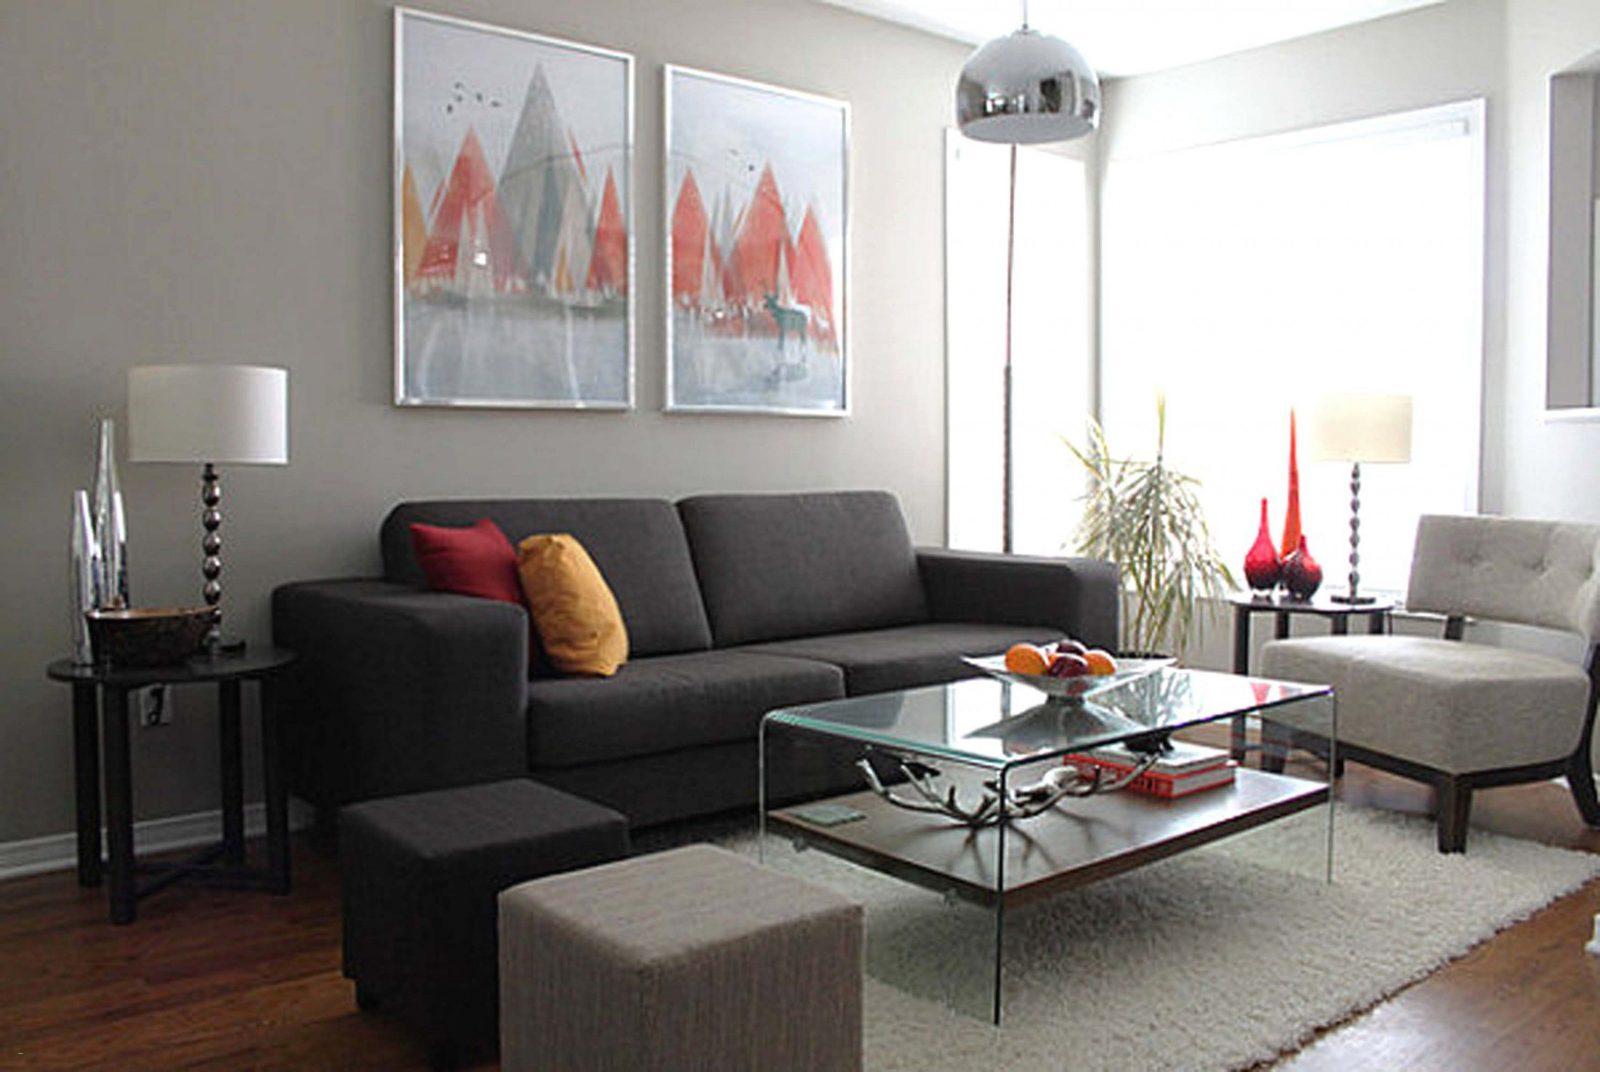 Dunkelgraues Sofa Welche Wandfarbe Best Of Sehr Gute Ideen Wandfarbe von Dunkelgraues Sofa Welche Wandfarbe Bild